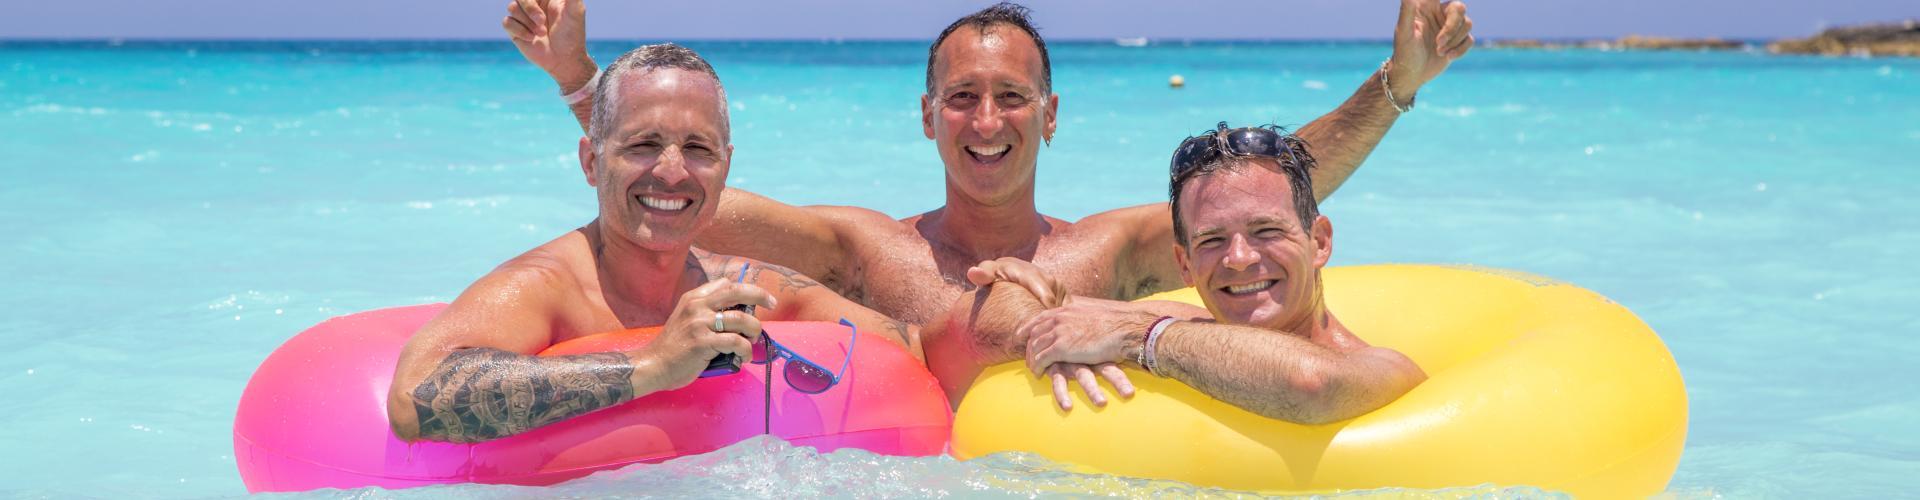 Gay Urlaub auf Mykonos